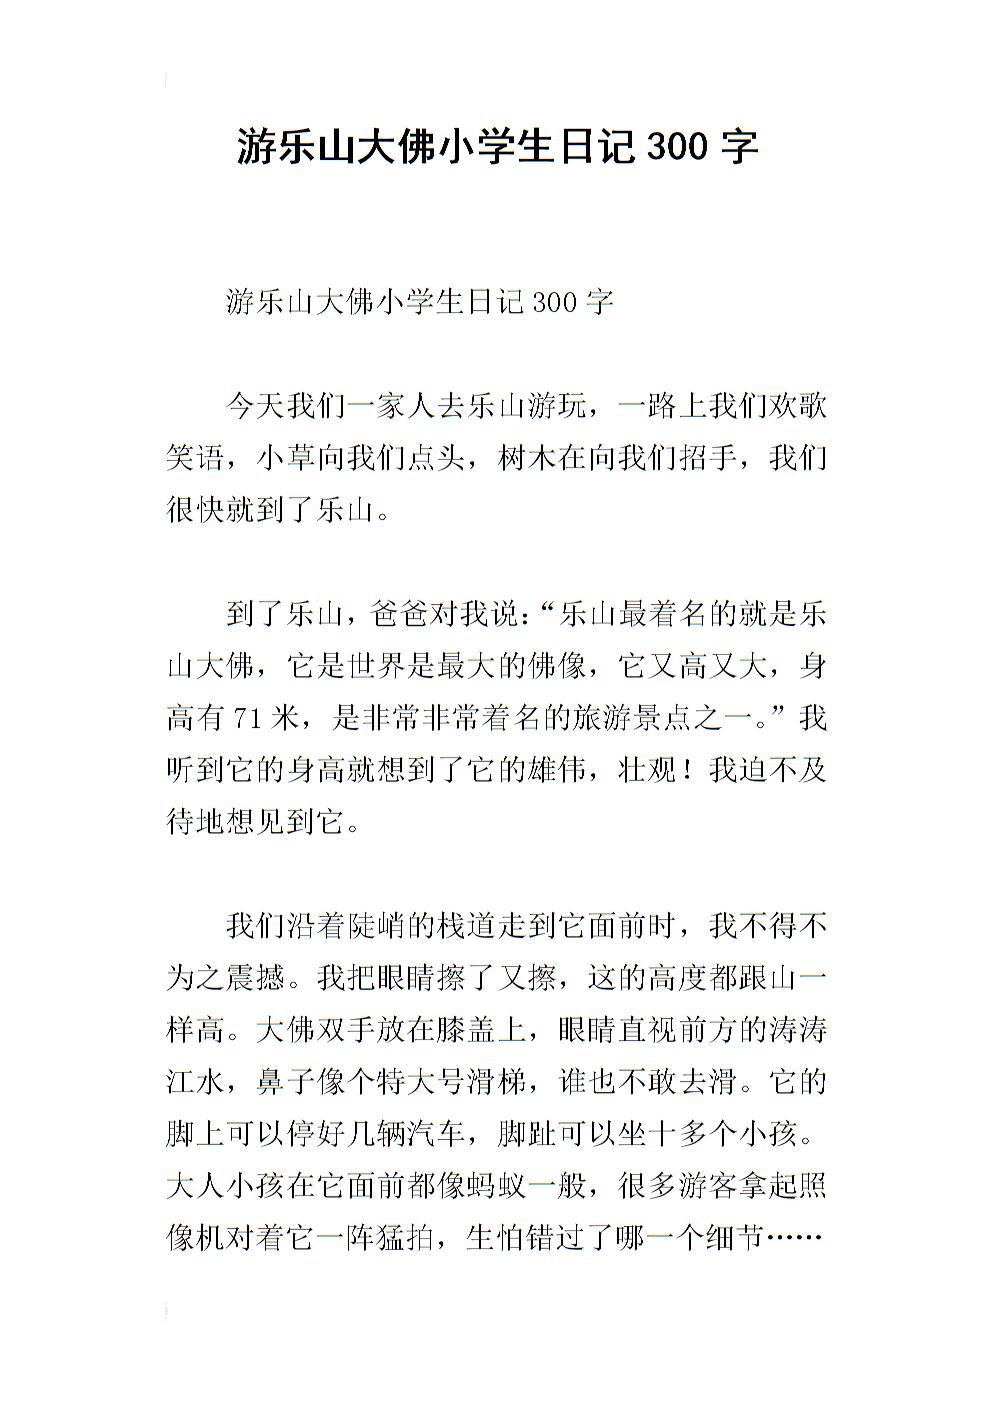 游樂山大佛小學生日記300字.docx面試初中真題英語閱讀圖片